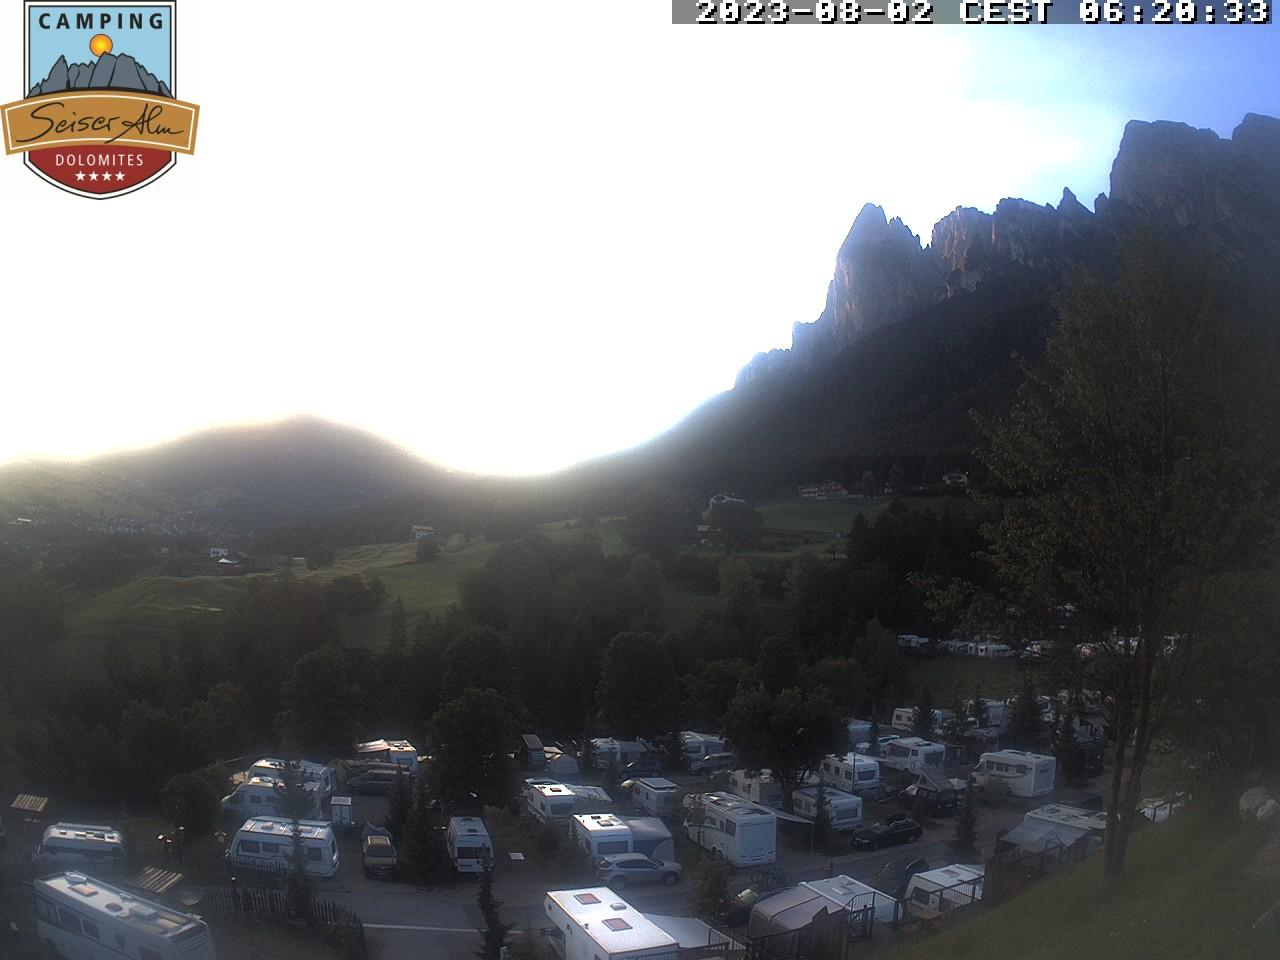 Camping Seiser Alm - Webcam 2